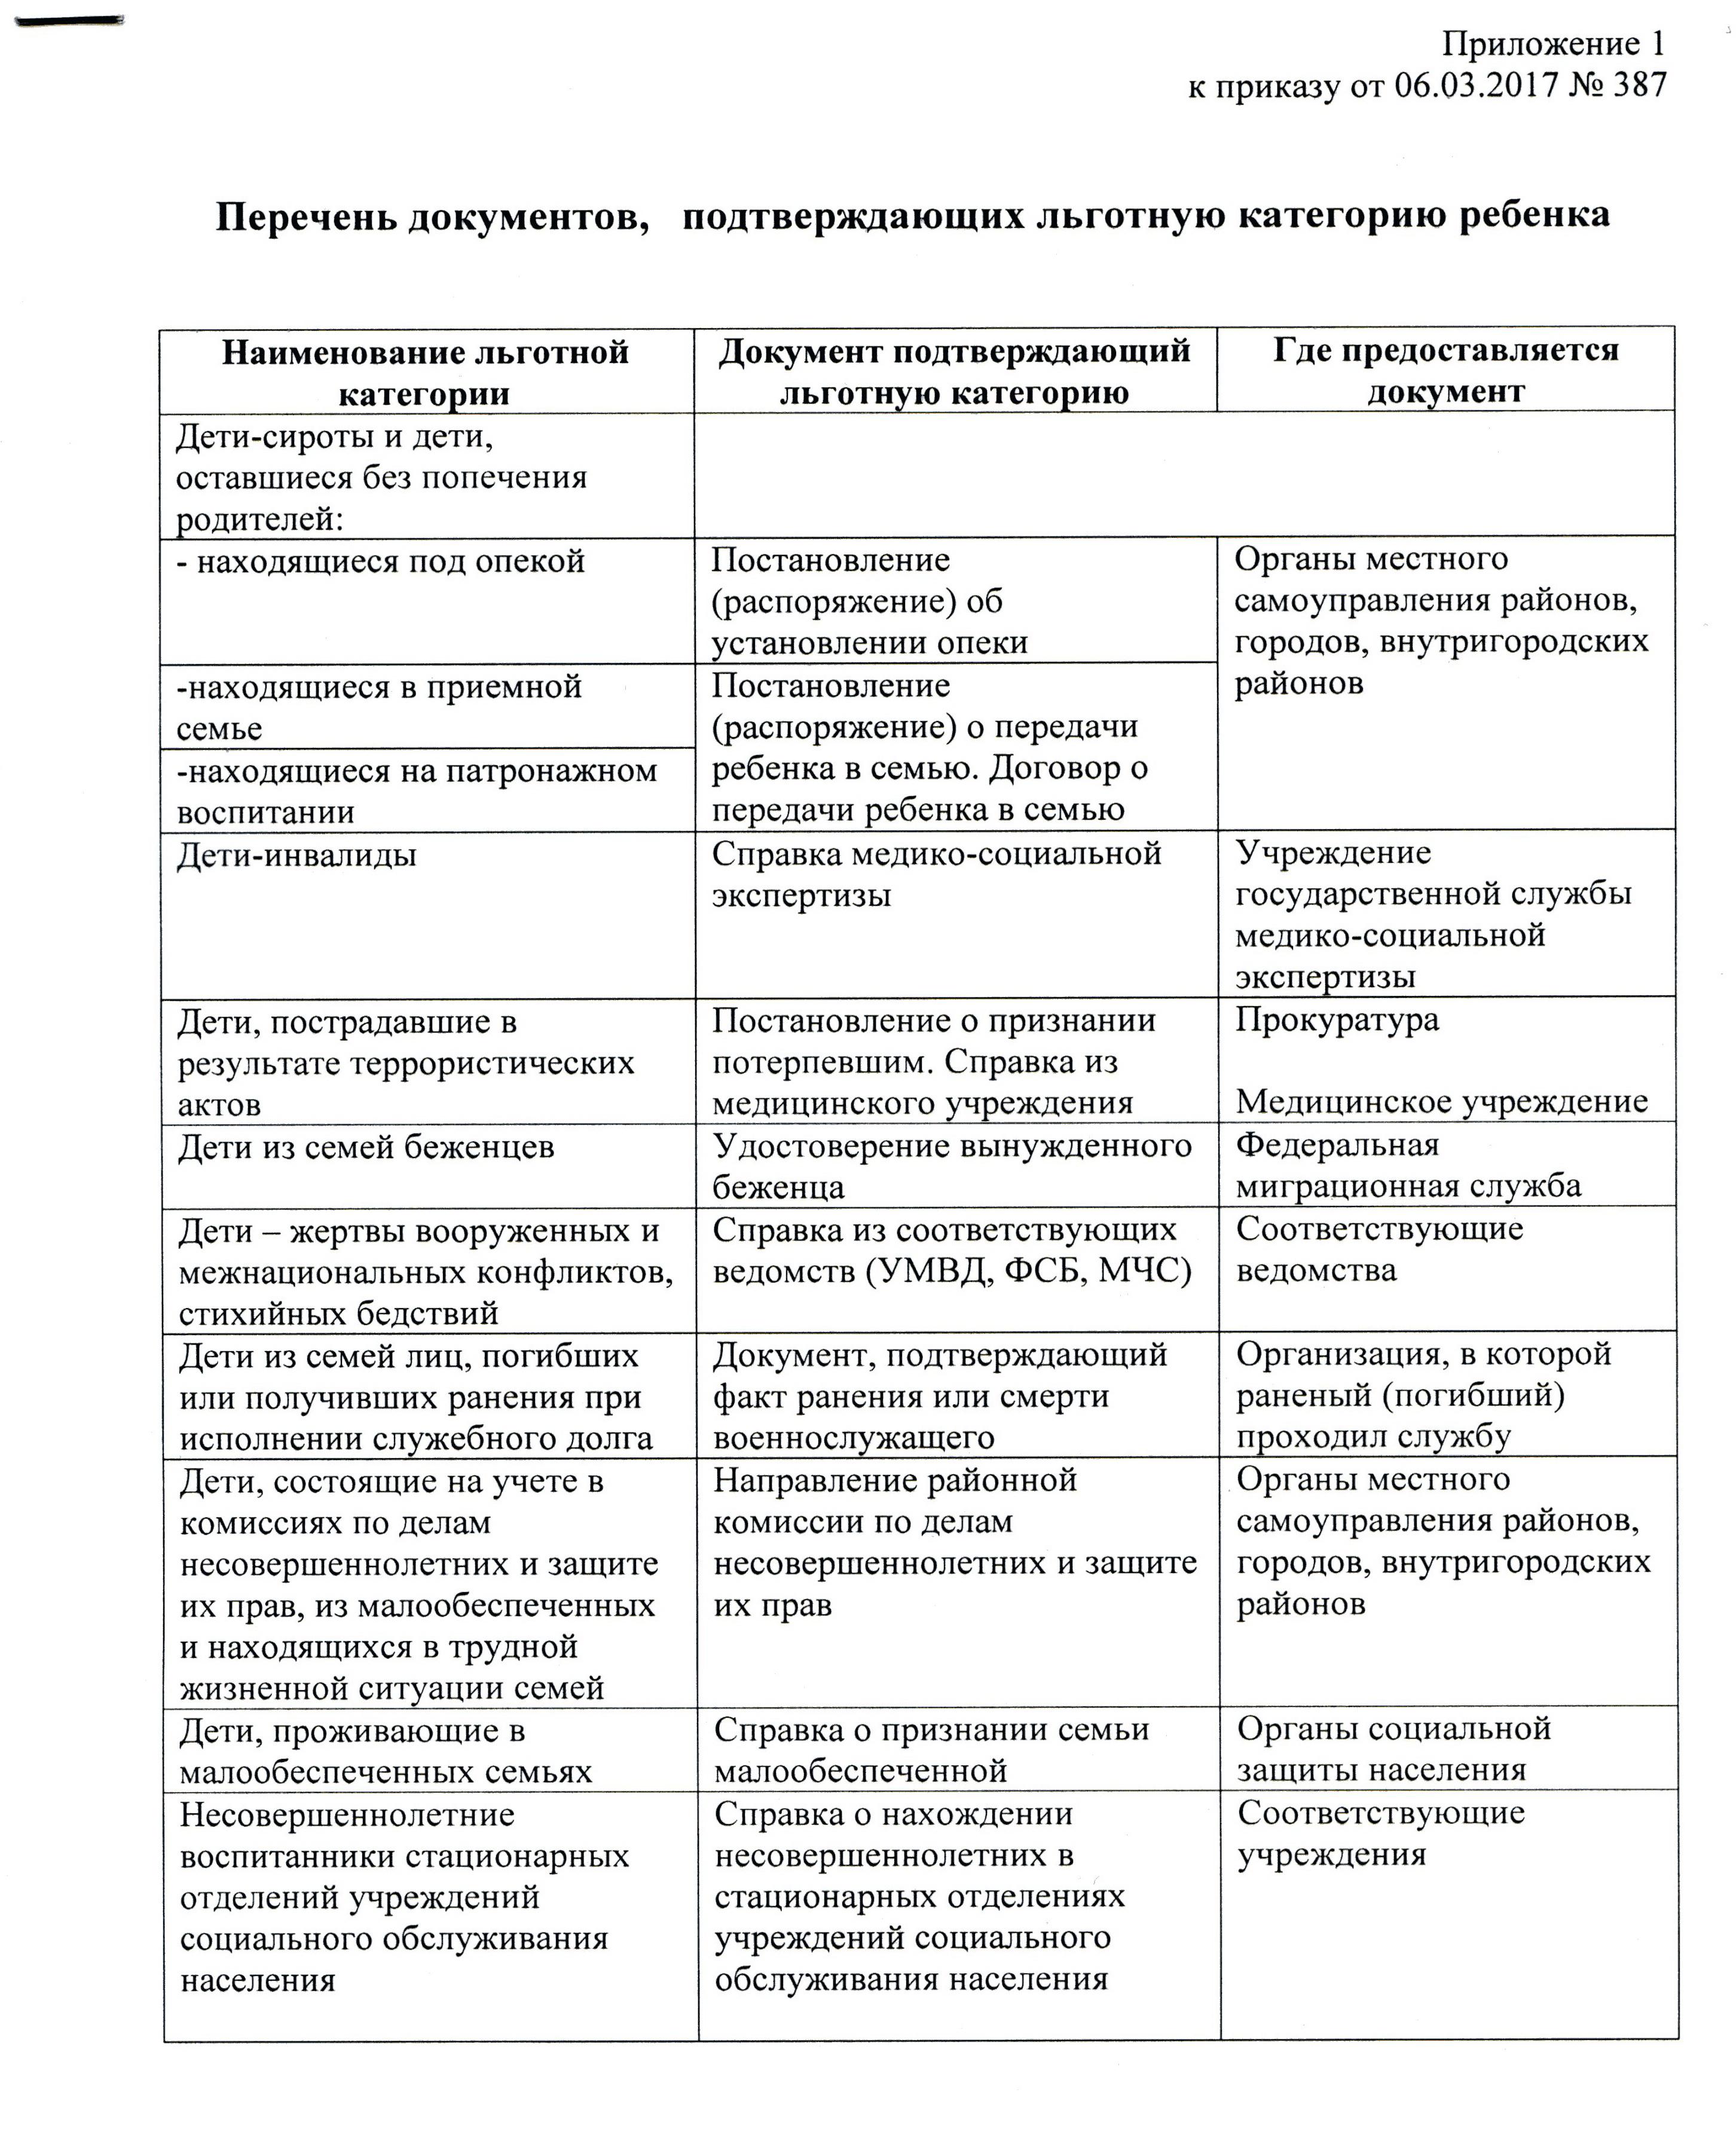 sanzhukovskiy.ru - dokymenty-dlya-lgot